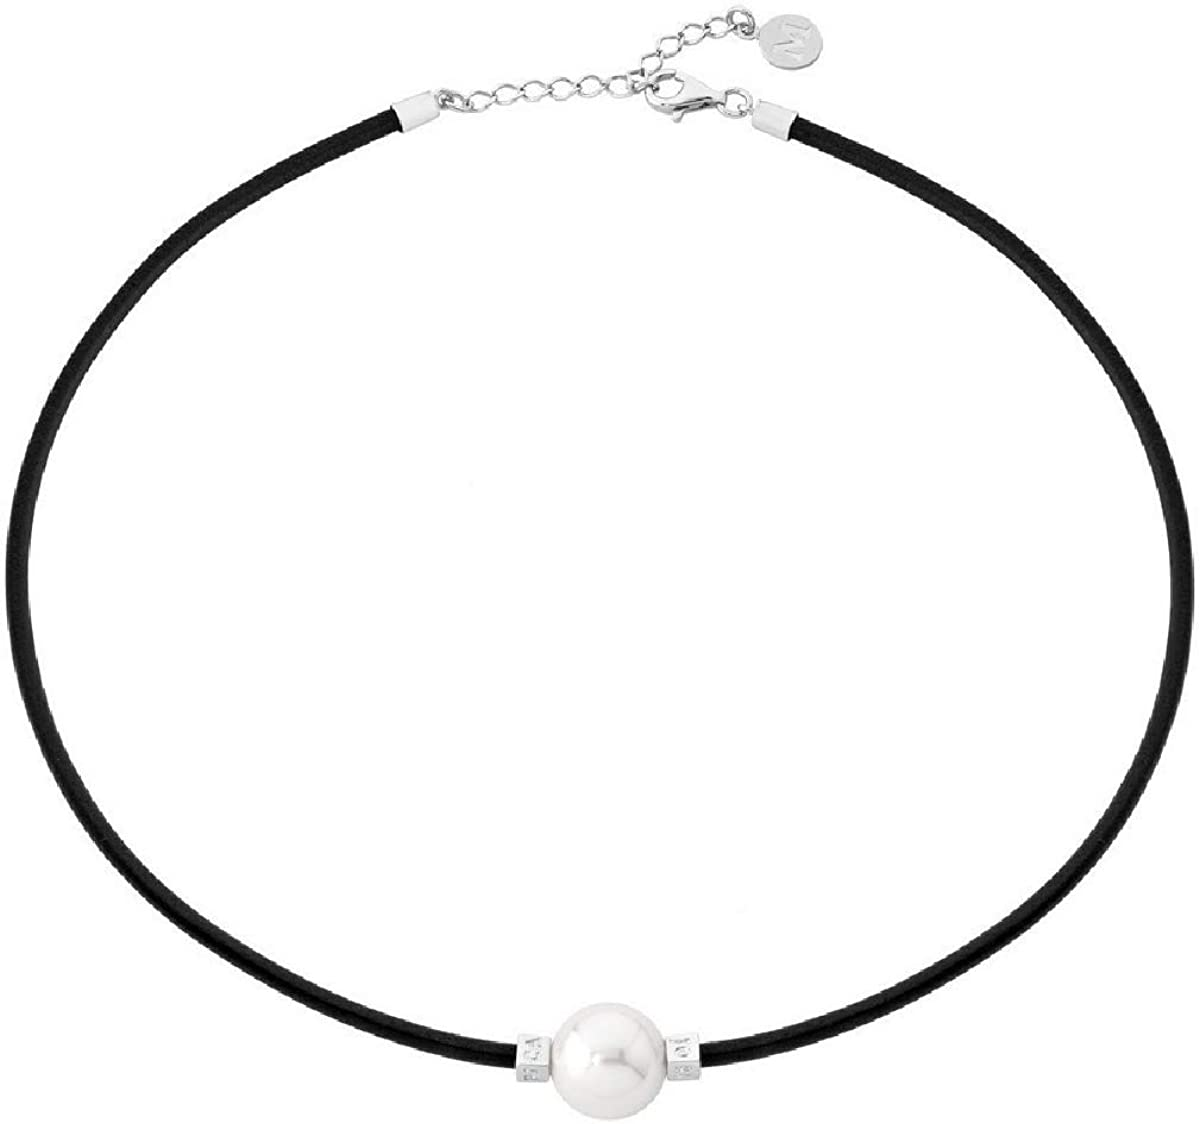 Majorica - Collar corto de cuero, 45 cm, con perla blanca, 14 mm, Negro